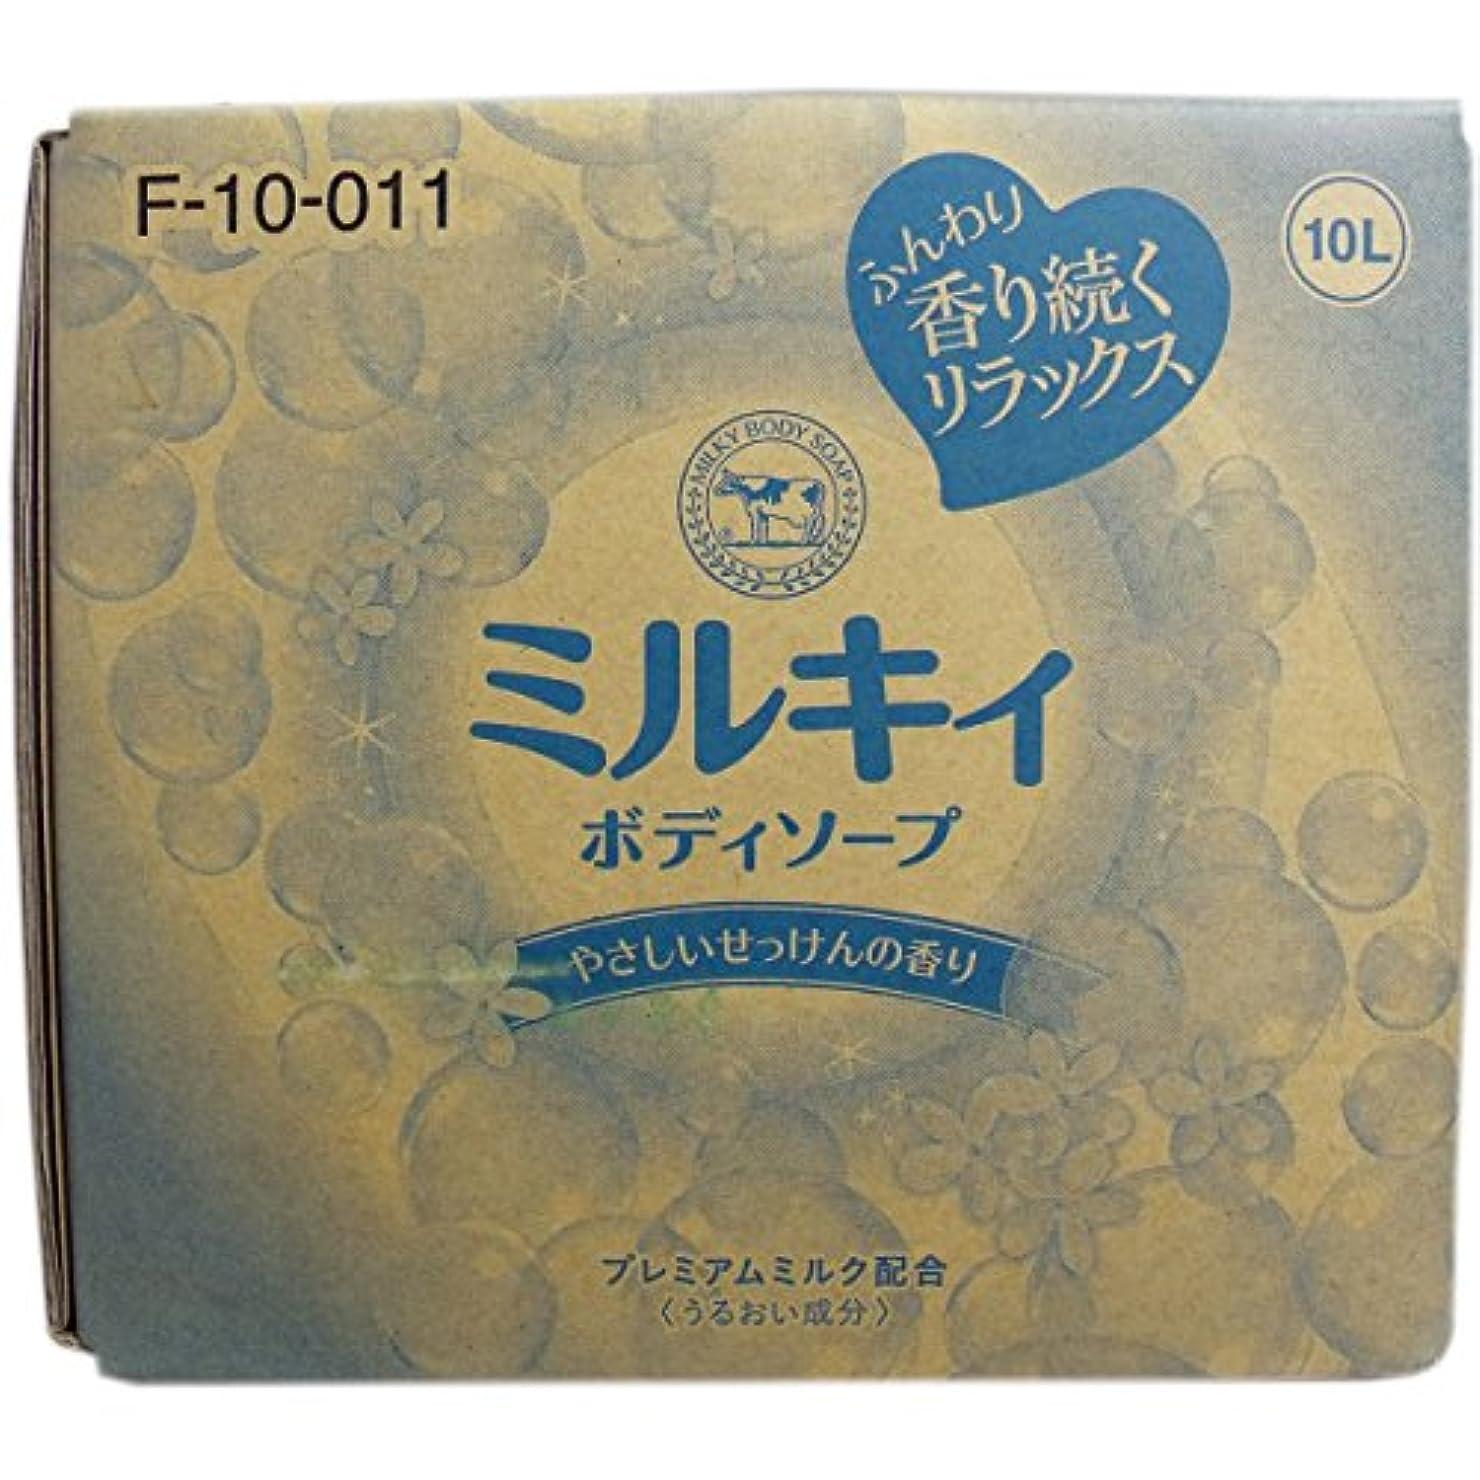 ひも質素なカウボーイミルキィボディソープ 業務用 やさしいせっけんの香り 10L